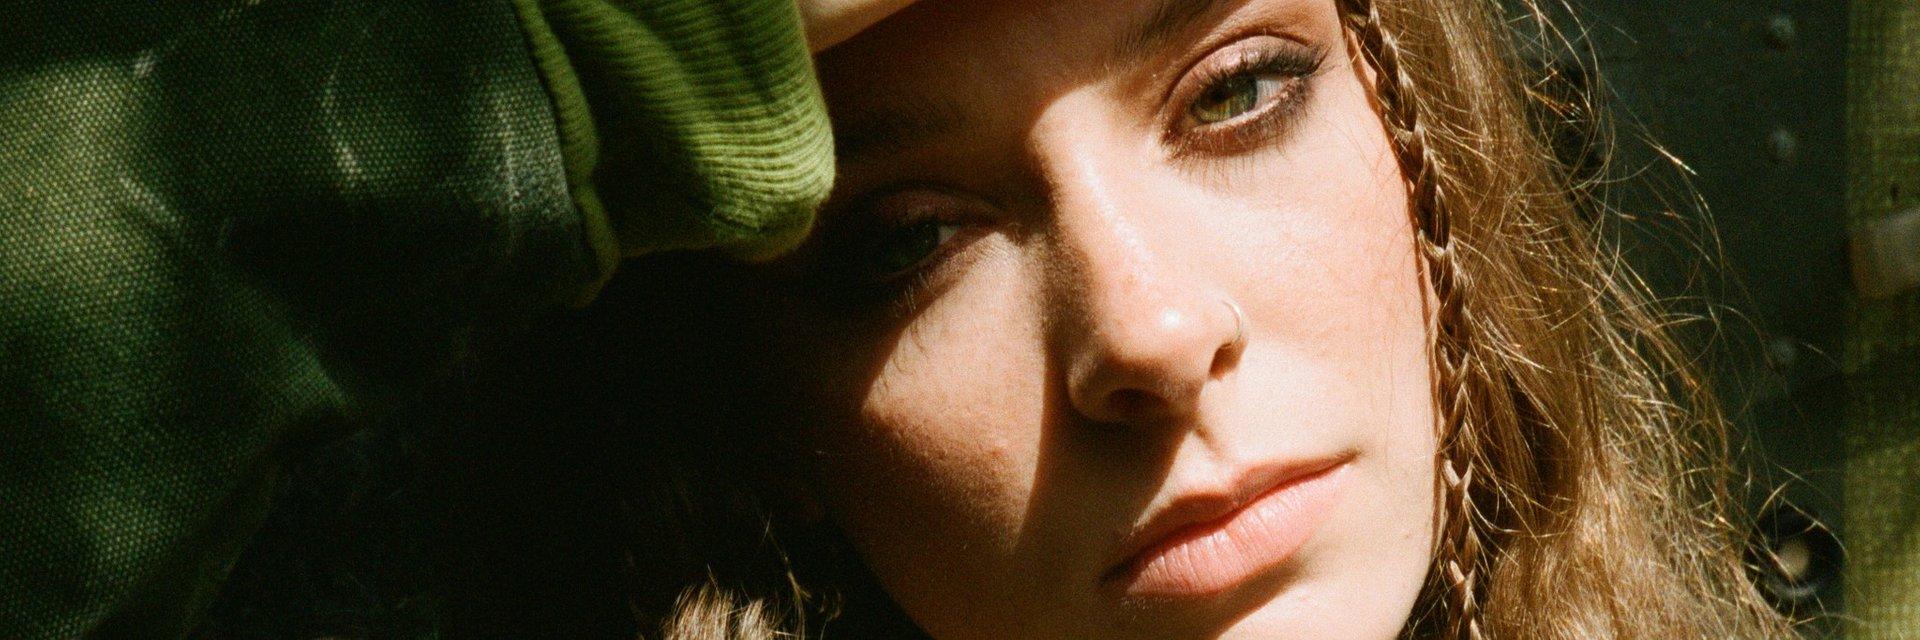 Holly Humberstone napisała utwór z Mattym Healym z The 1975